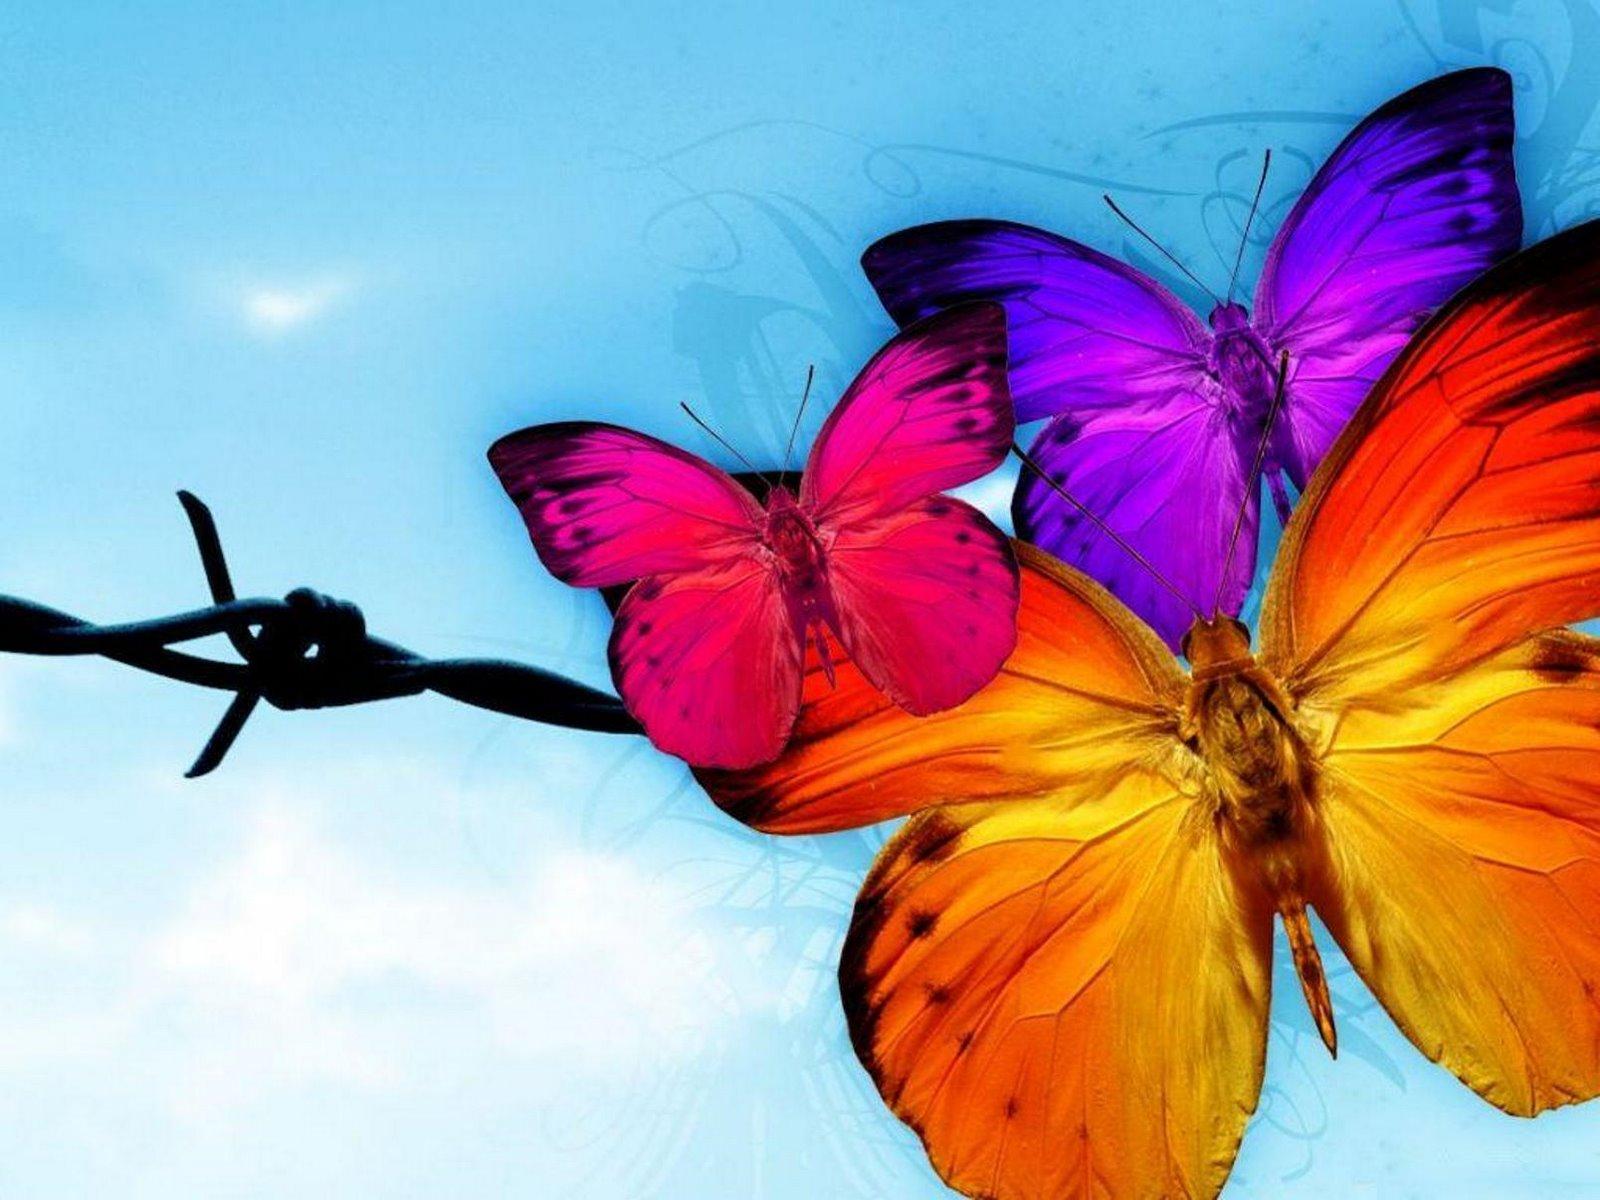 ... -best-top-desktop-butterflies-wallpaper-hd-butterfly-wallpaper-35.jpg: hd-wallpapers-box.blogspot.com/2012/06/butterfly-hd-wallpapers.html